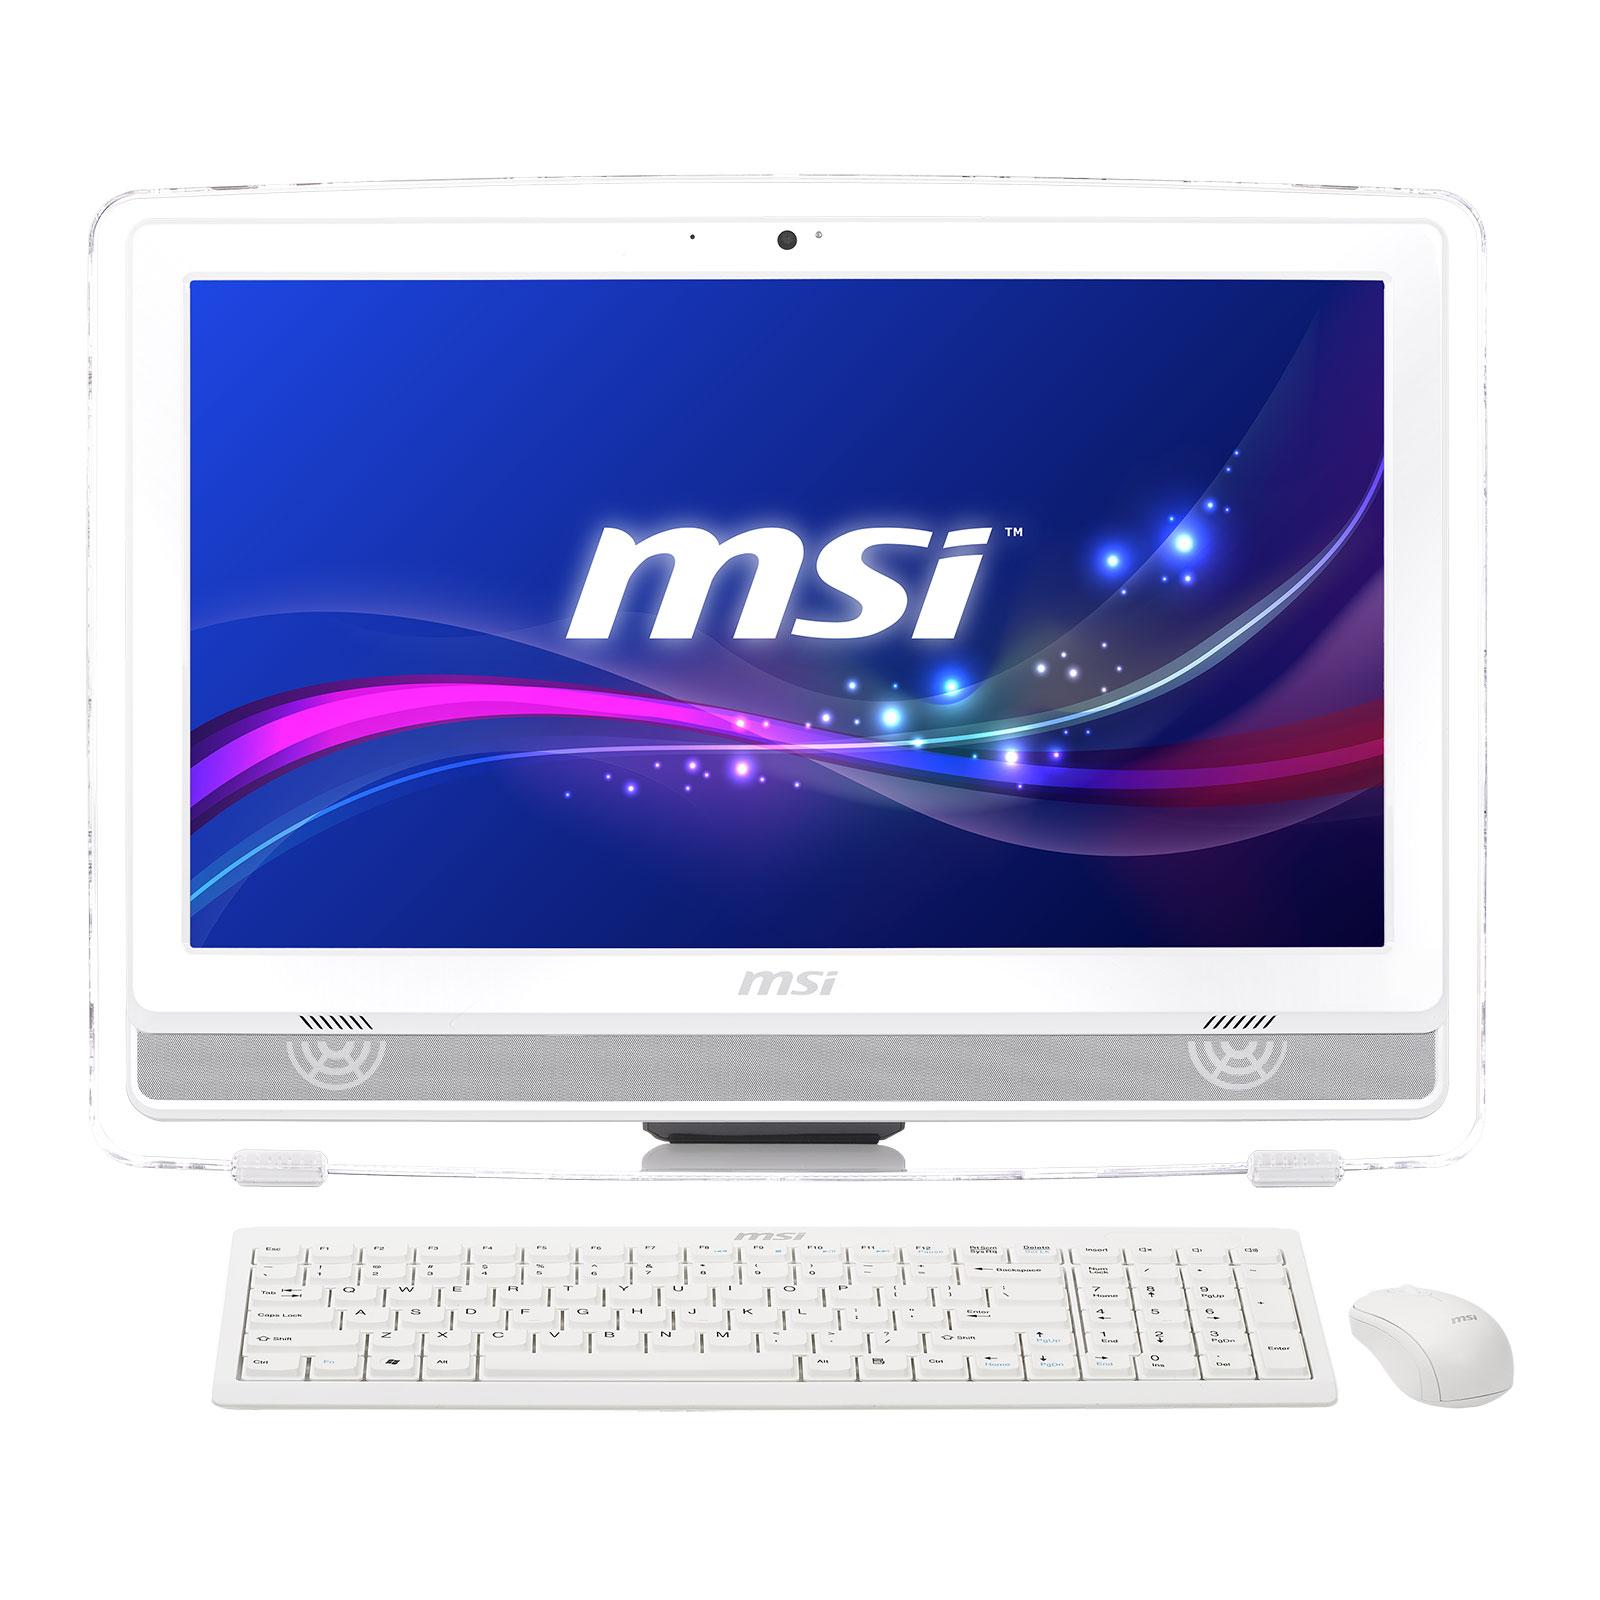 """PC de bureau MSI Wind Top AE220-032XEU AMD Quadri-Coeur E2-3800 4 Go 500 Go LED 21.5"""" Graveur DVD Wi-Fi N Webcam FreeDOS (Garantie constructeur 1 an enlèvement sur site)"""